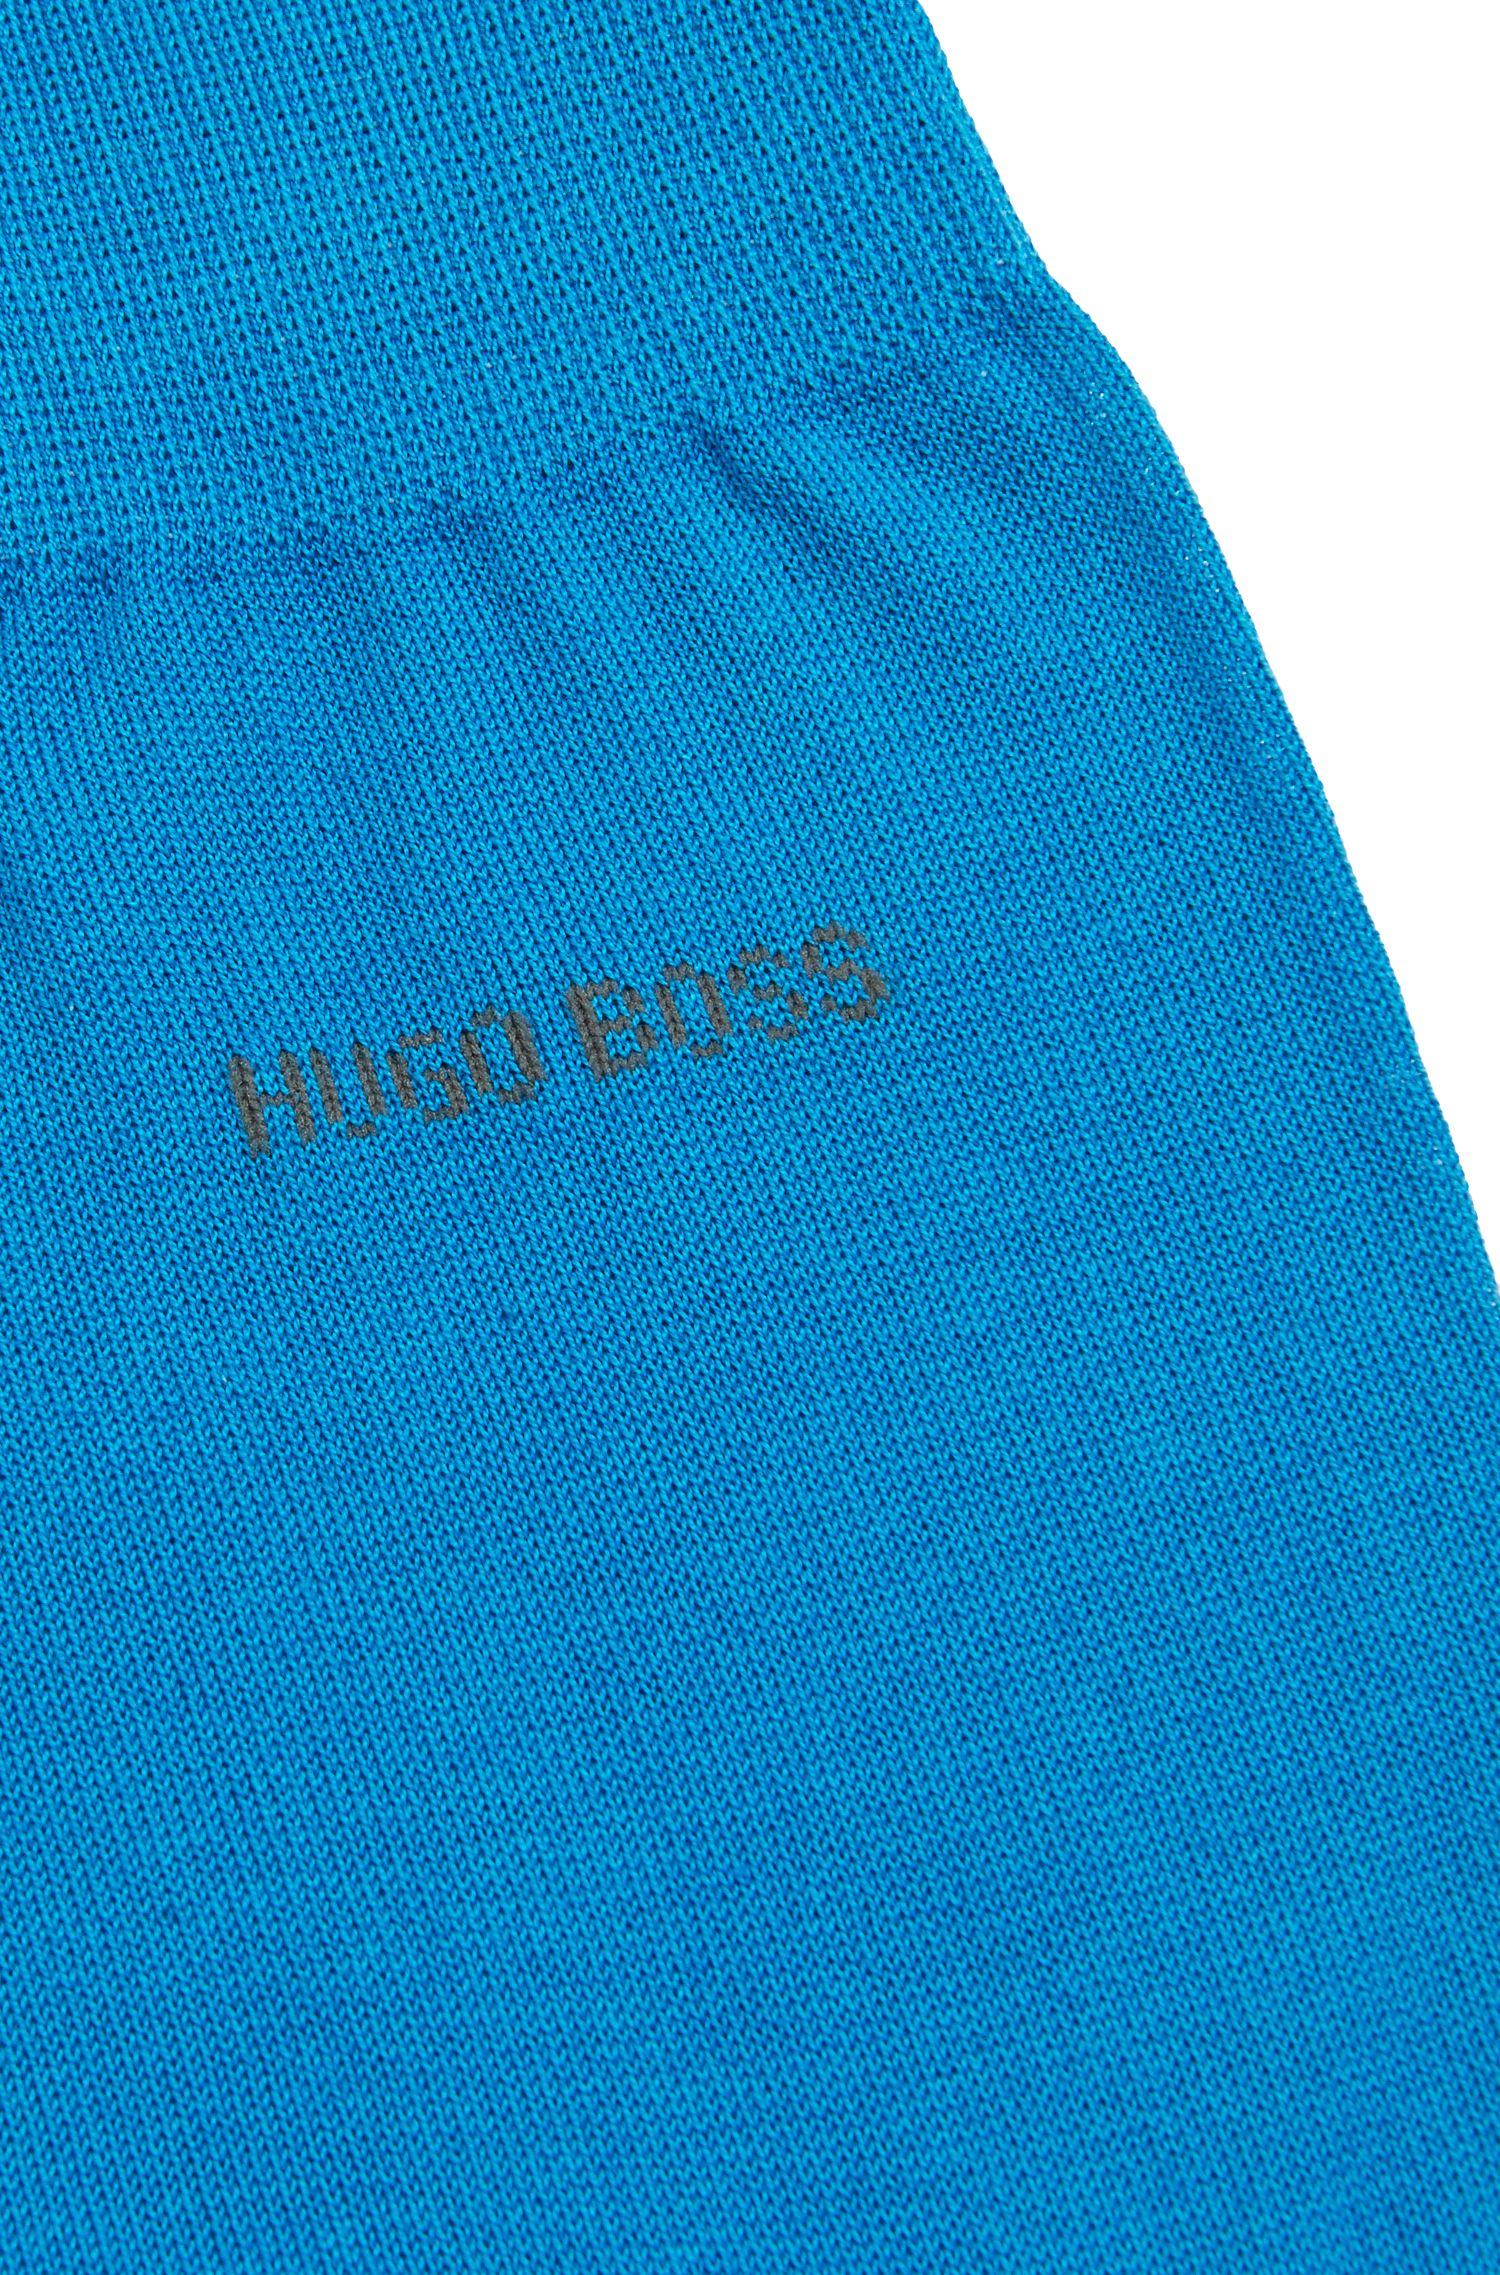 Mittelhohe Socken aus merzerisierter Baumwolle